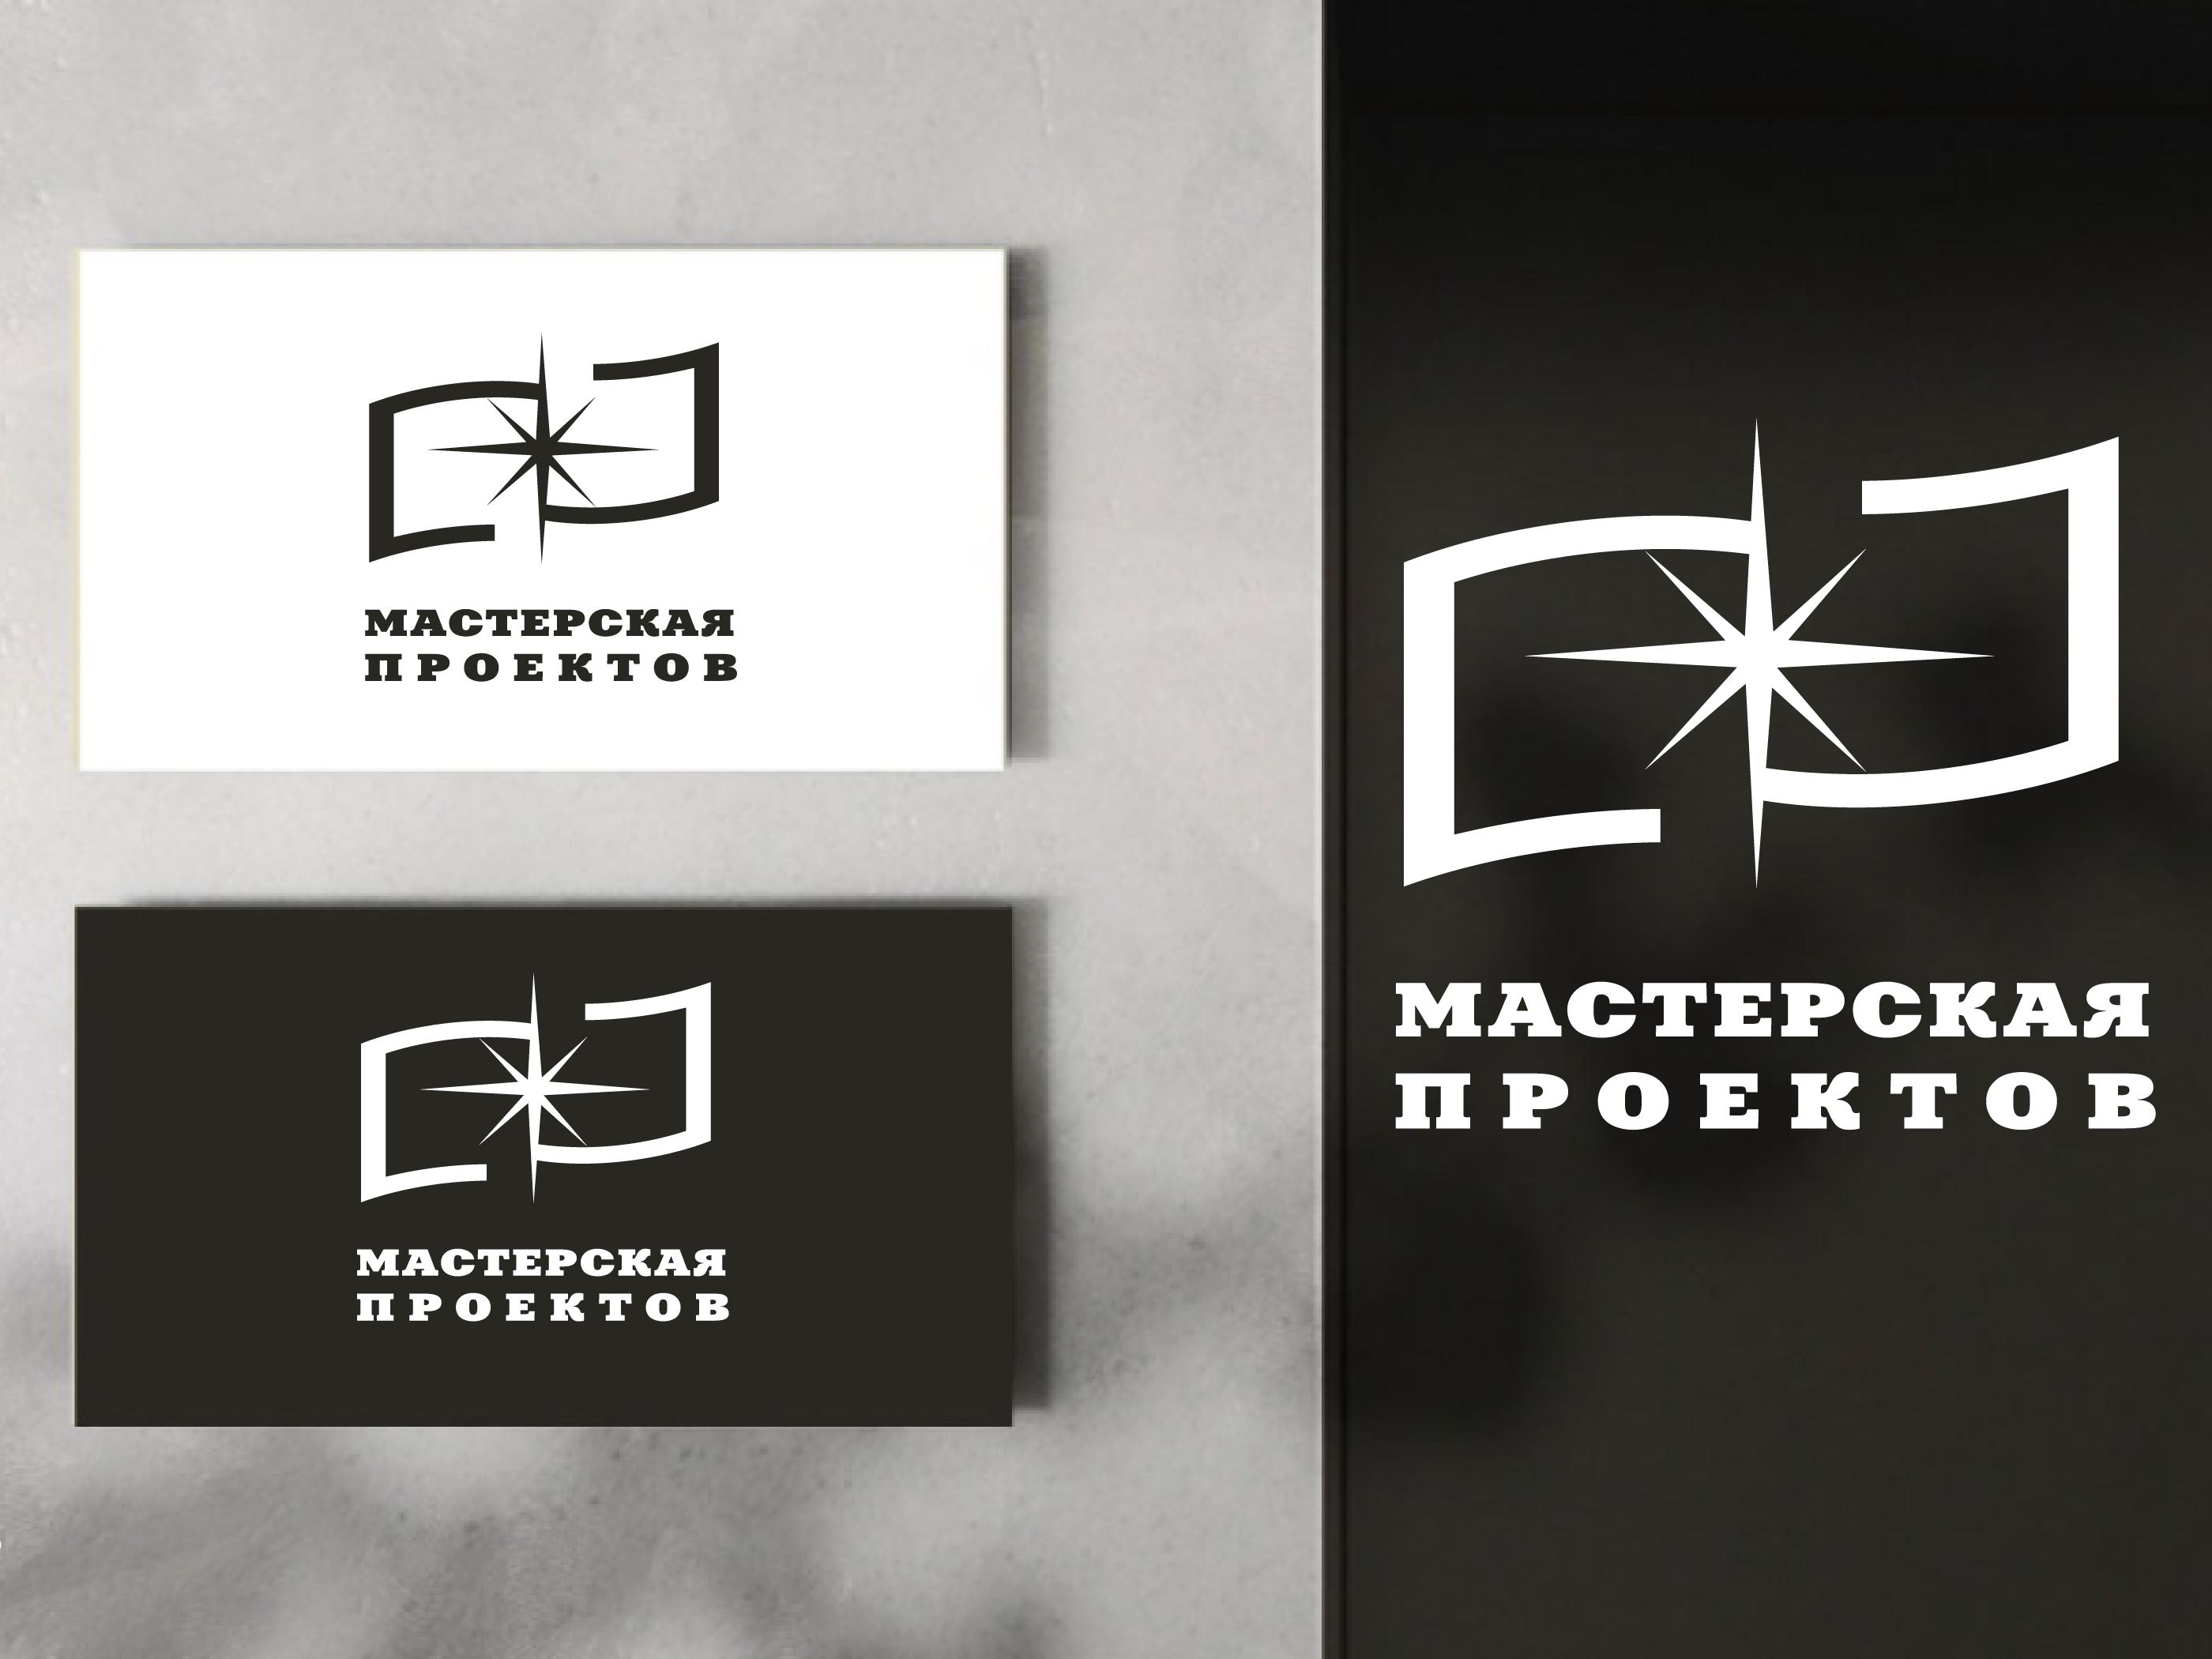 Разработка логотипа строительно-мебельного проекта (см. опис фото f_094606ee6d4cd4a2.png